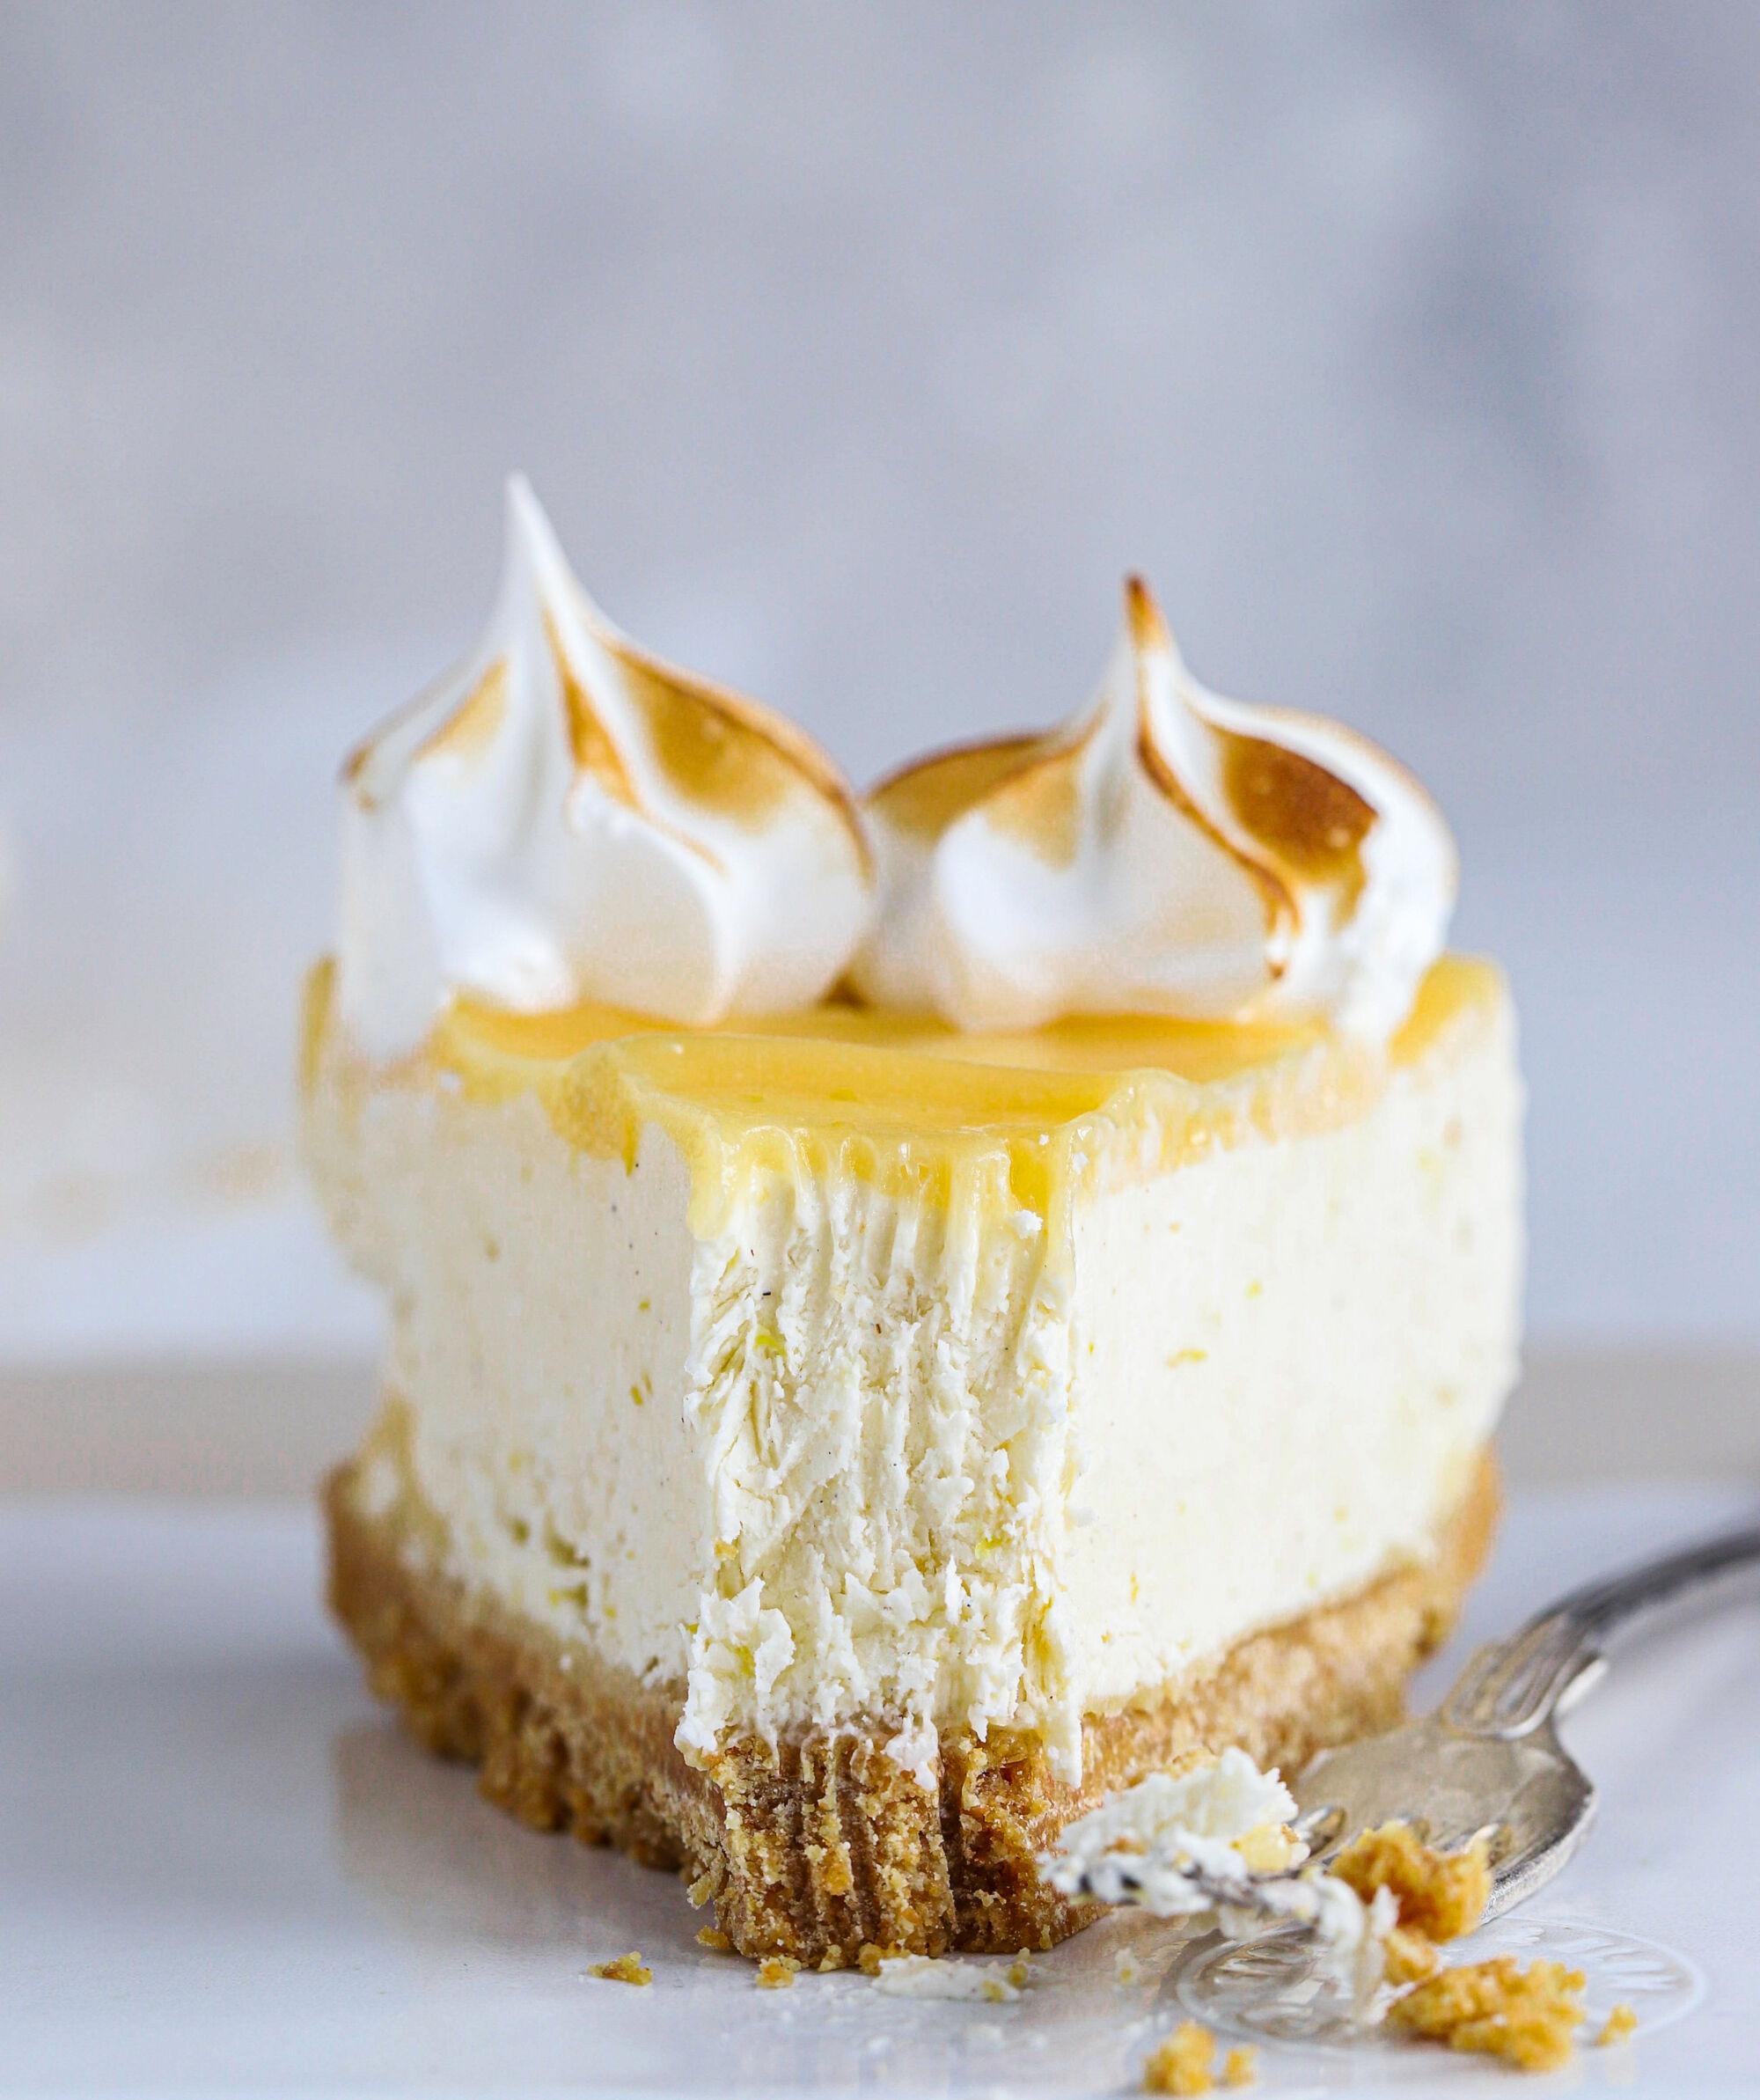 citroncheesecake5